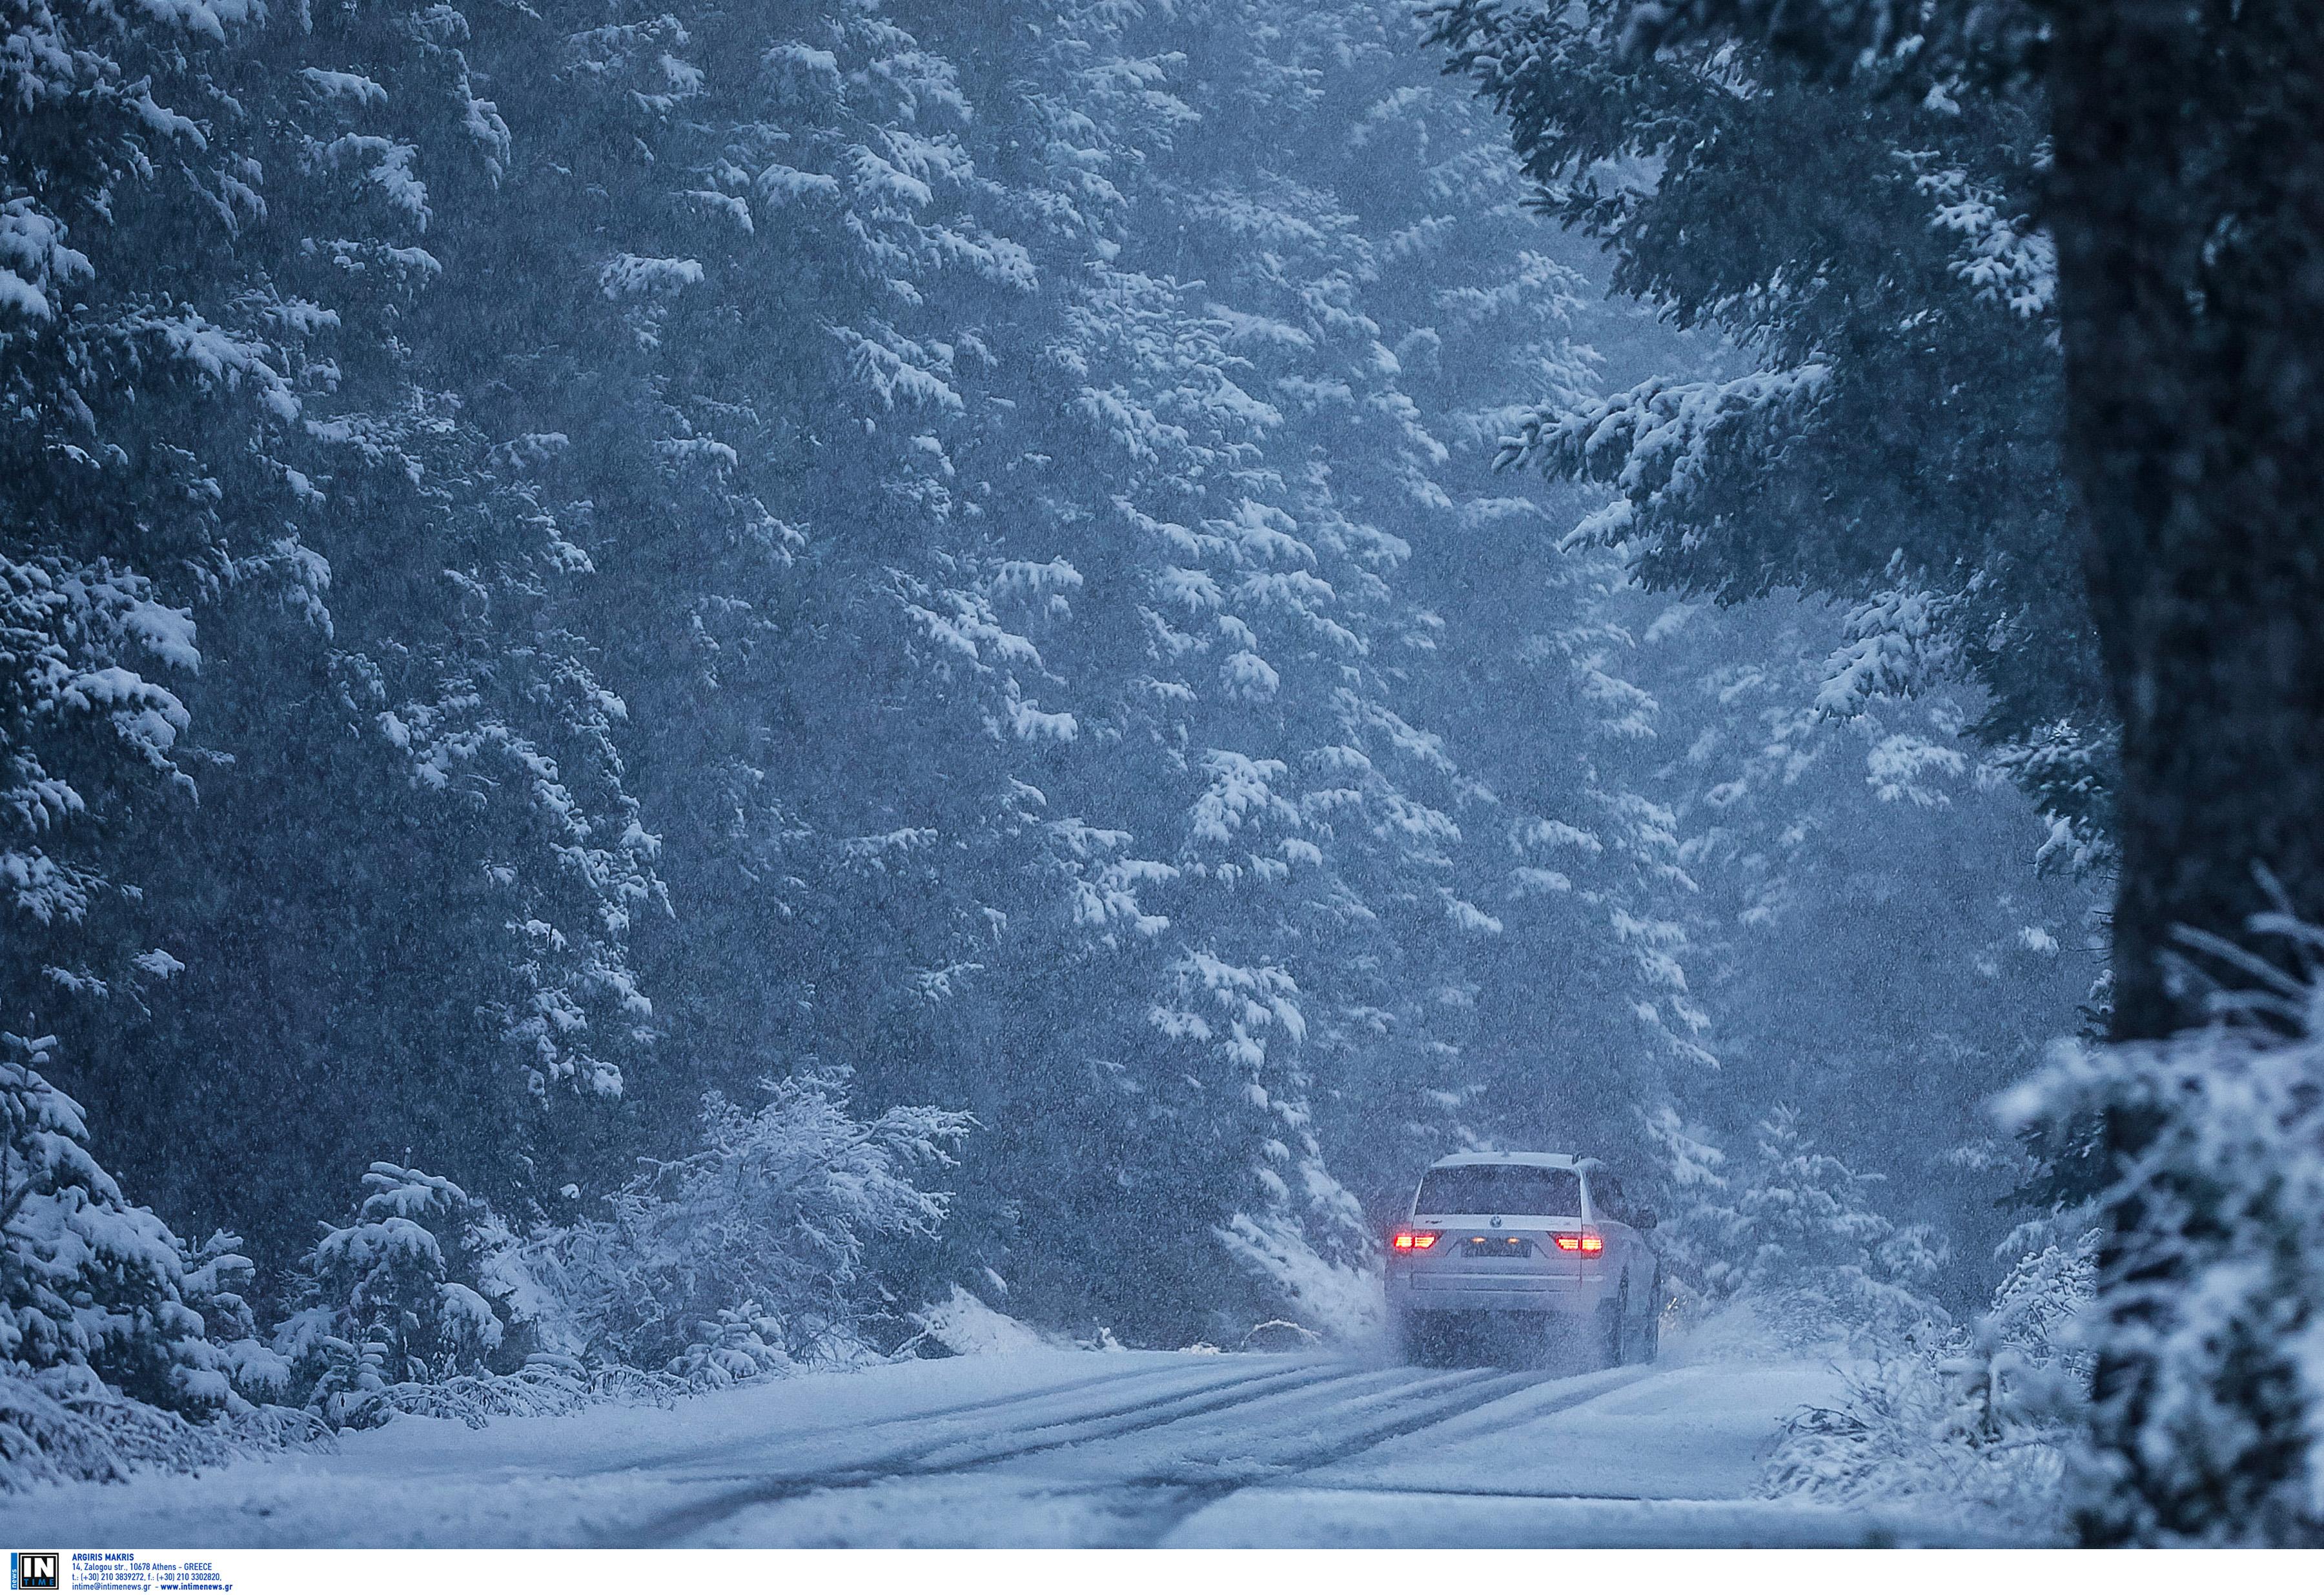 Και ξαφνικά... χειμώνας! Ο Δεκέμβριος έφερε απότομη πτώση της θερμοκρασίας, καταιγίδες και χιόνια